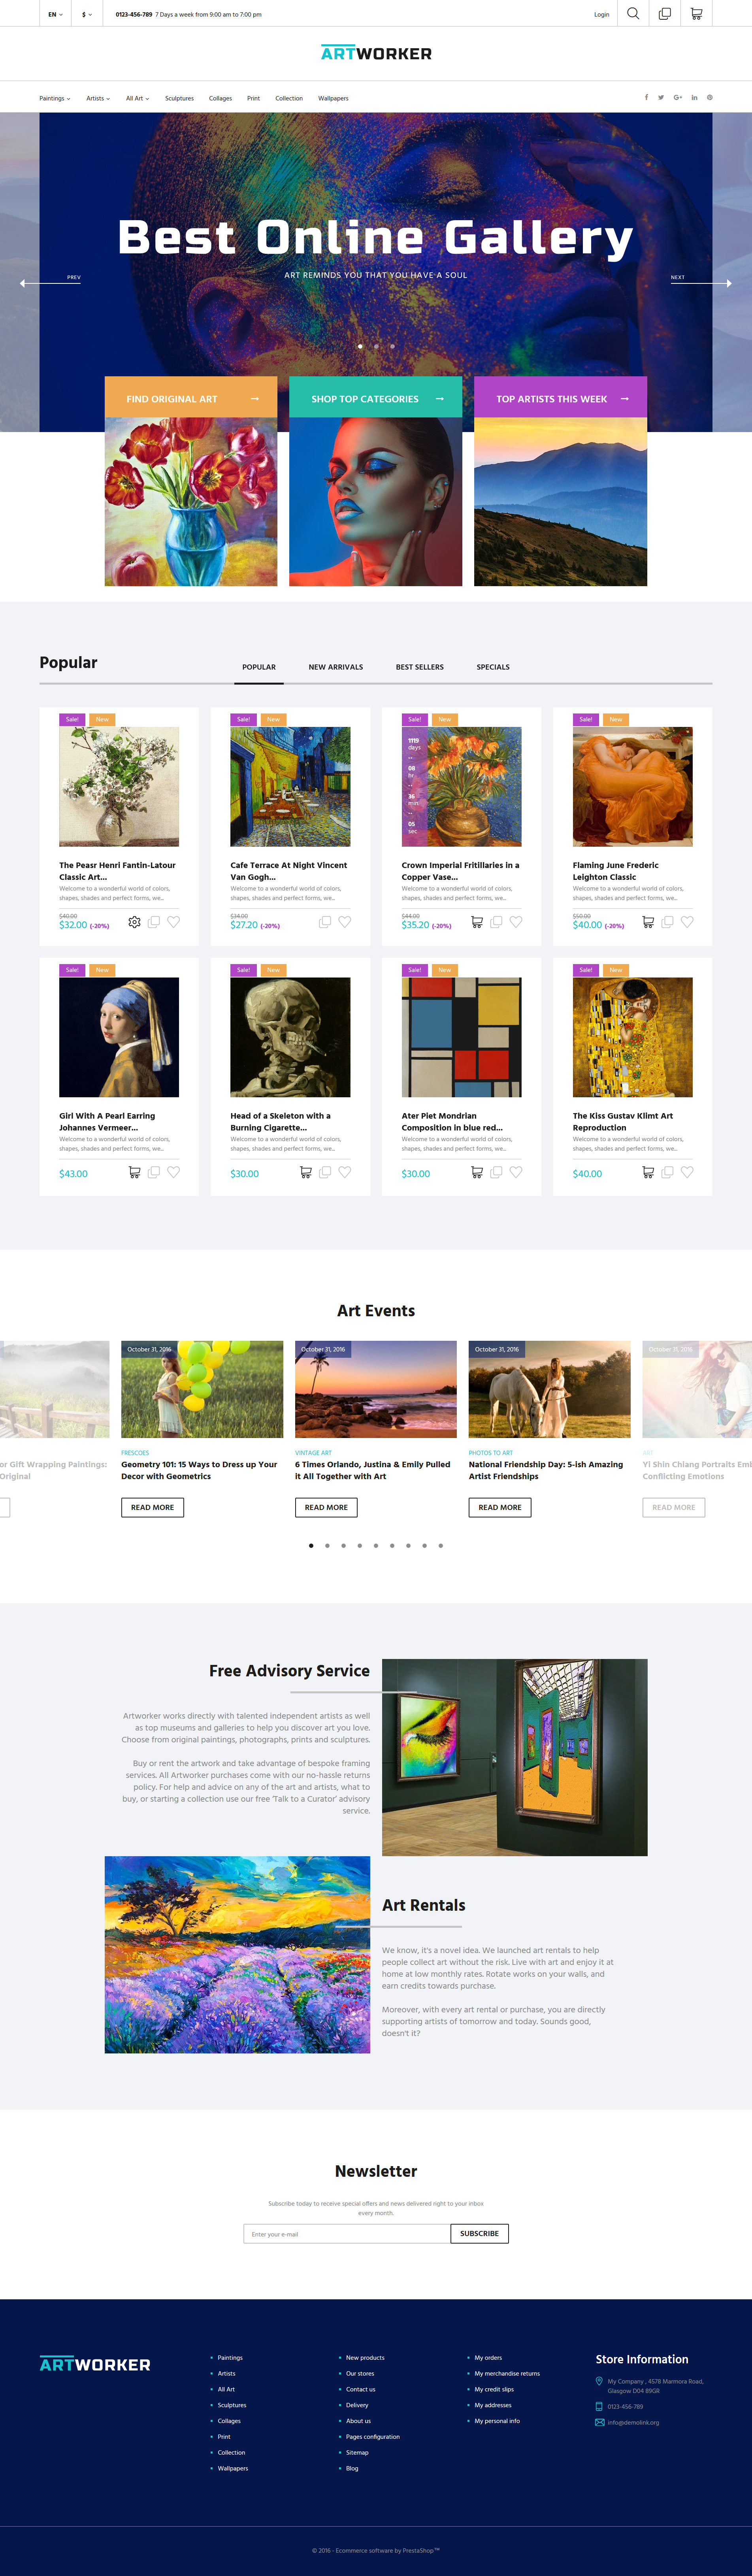 Artworker - Online Gallery & Artist Portfolio Tema PrestaShop №62011